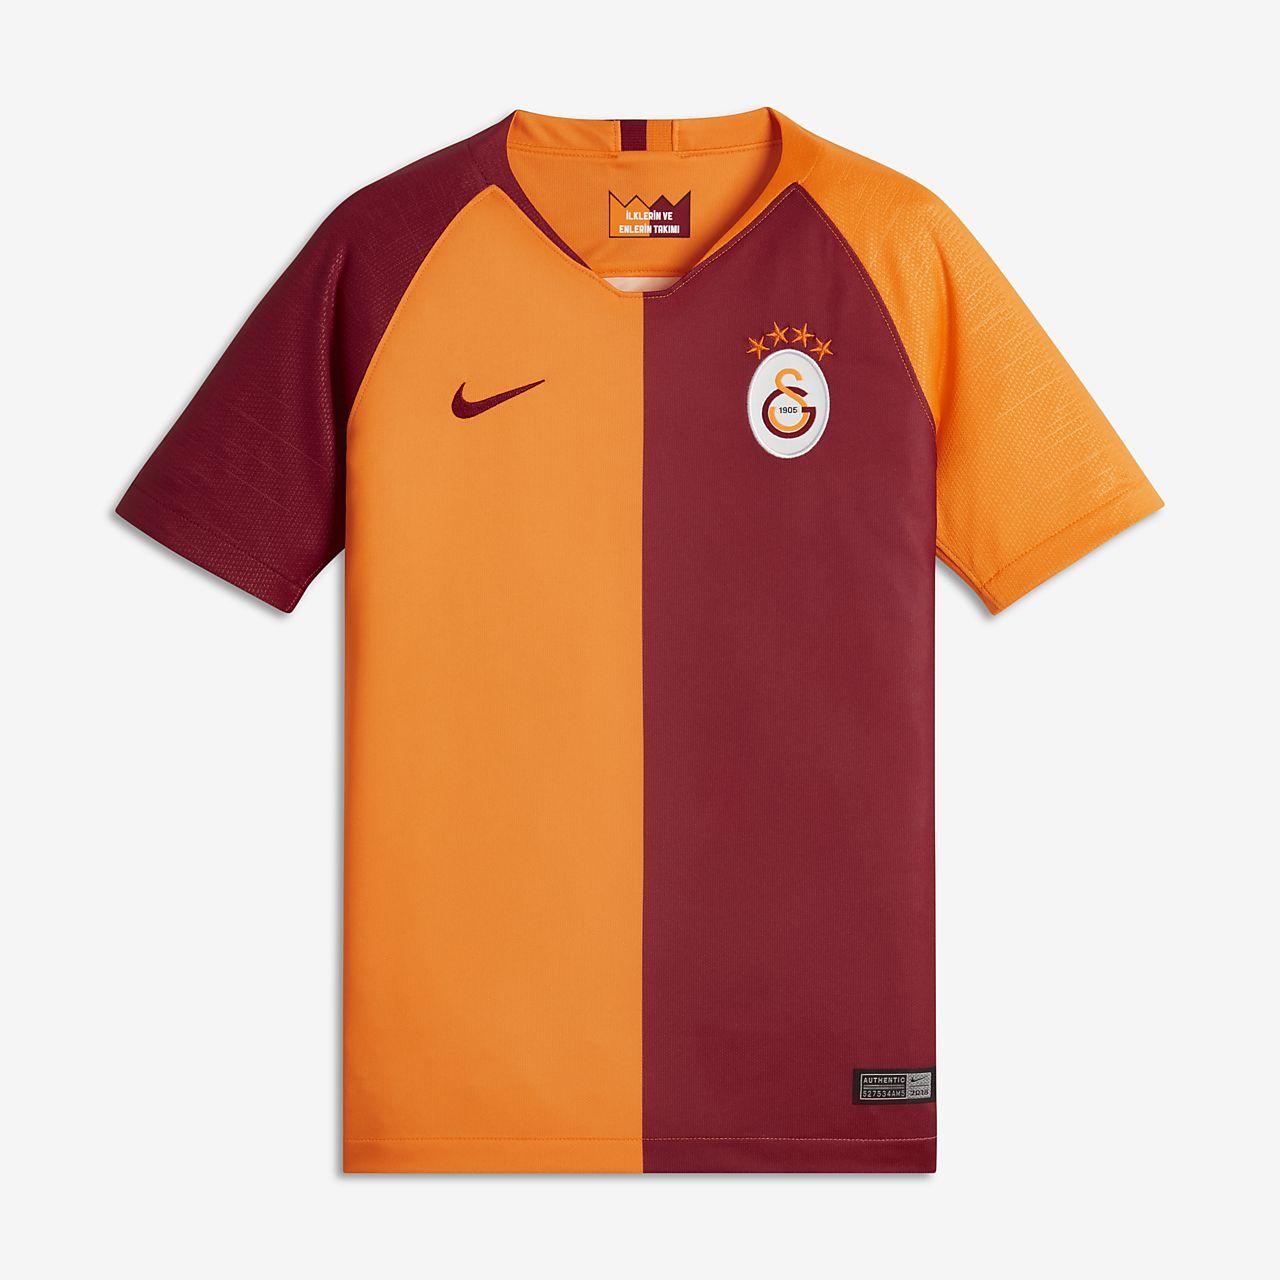 Camiseta de fútbol para niños talla grande de local Stadium del Galatasaray S.K. 2018/19